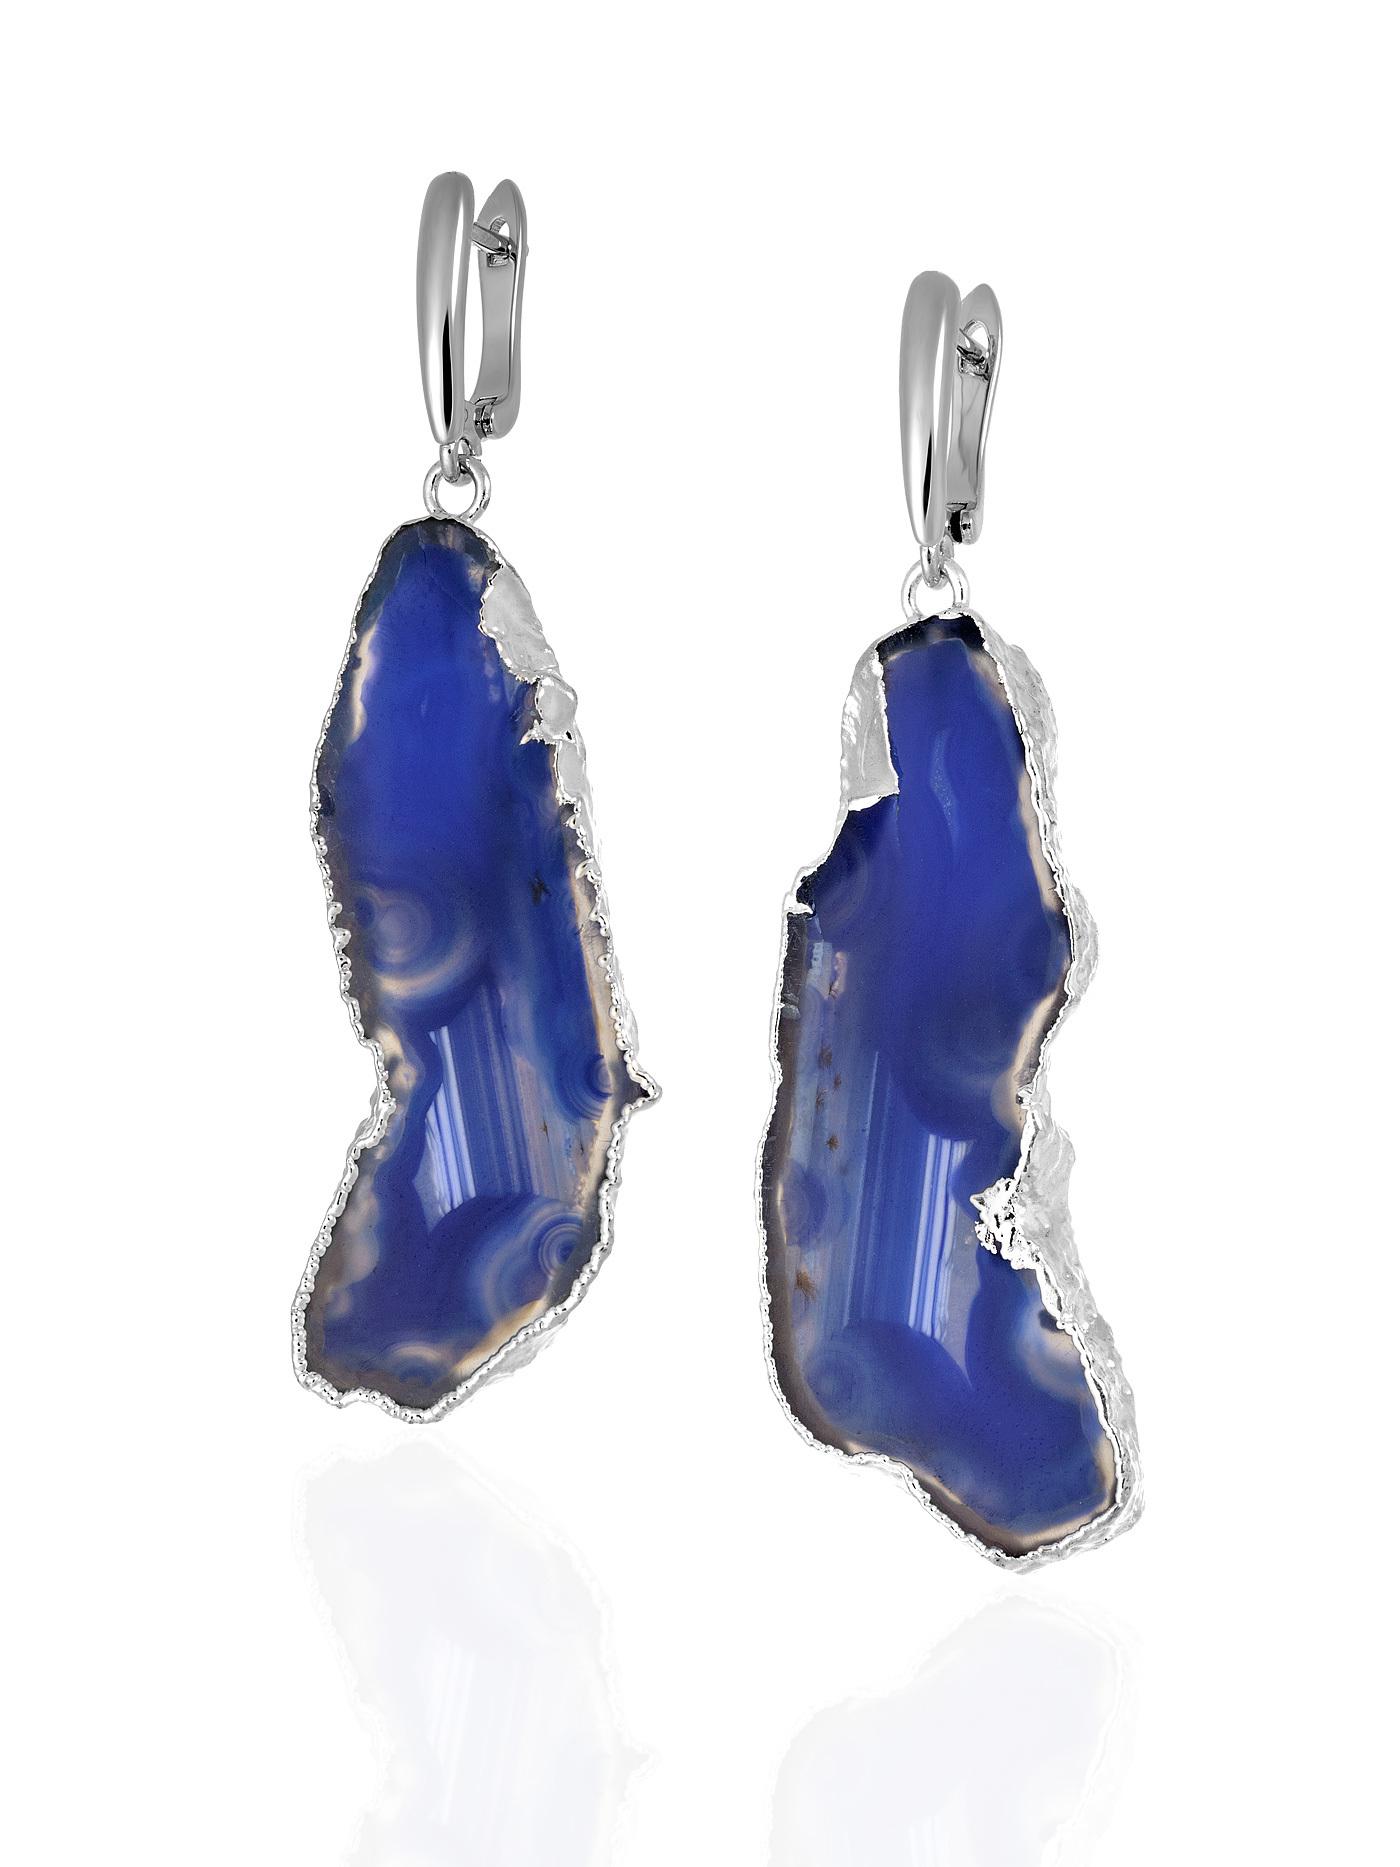 Дизайнерские серьги с жеодой агата голубого цвета